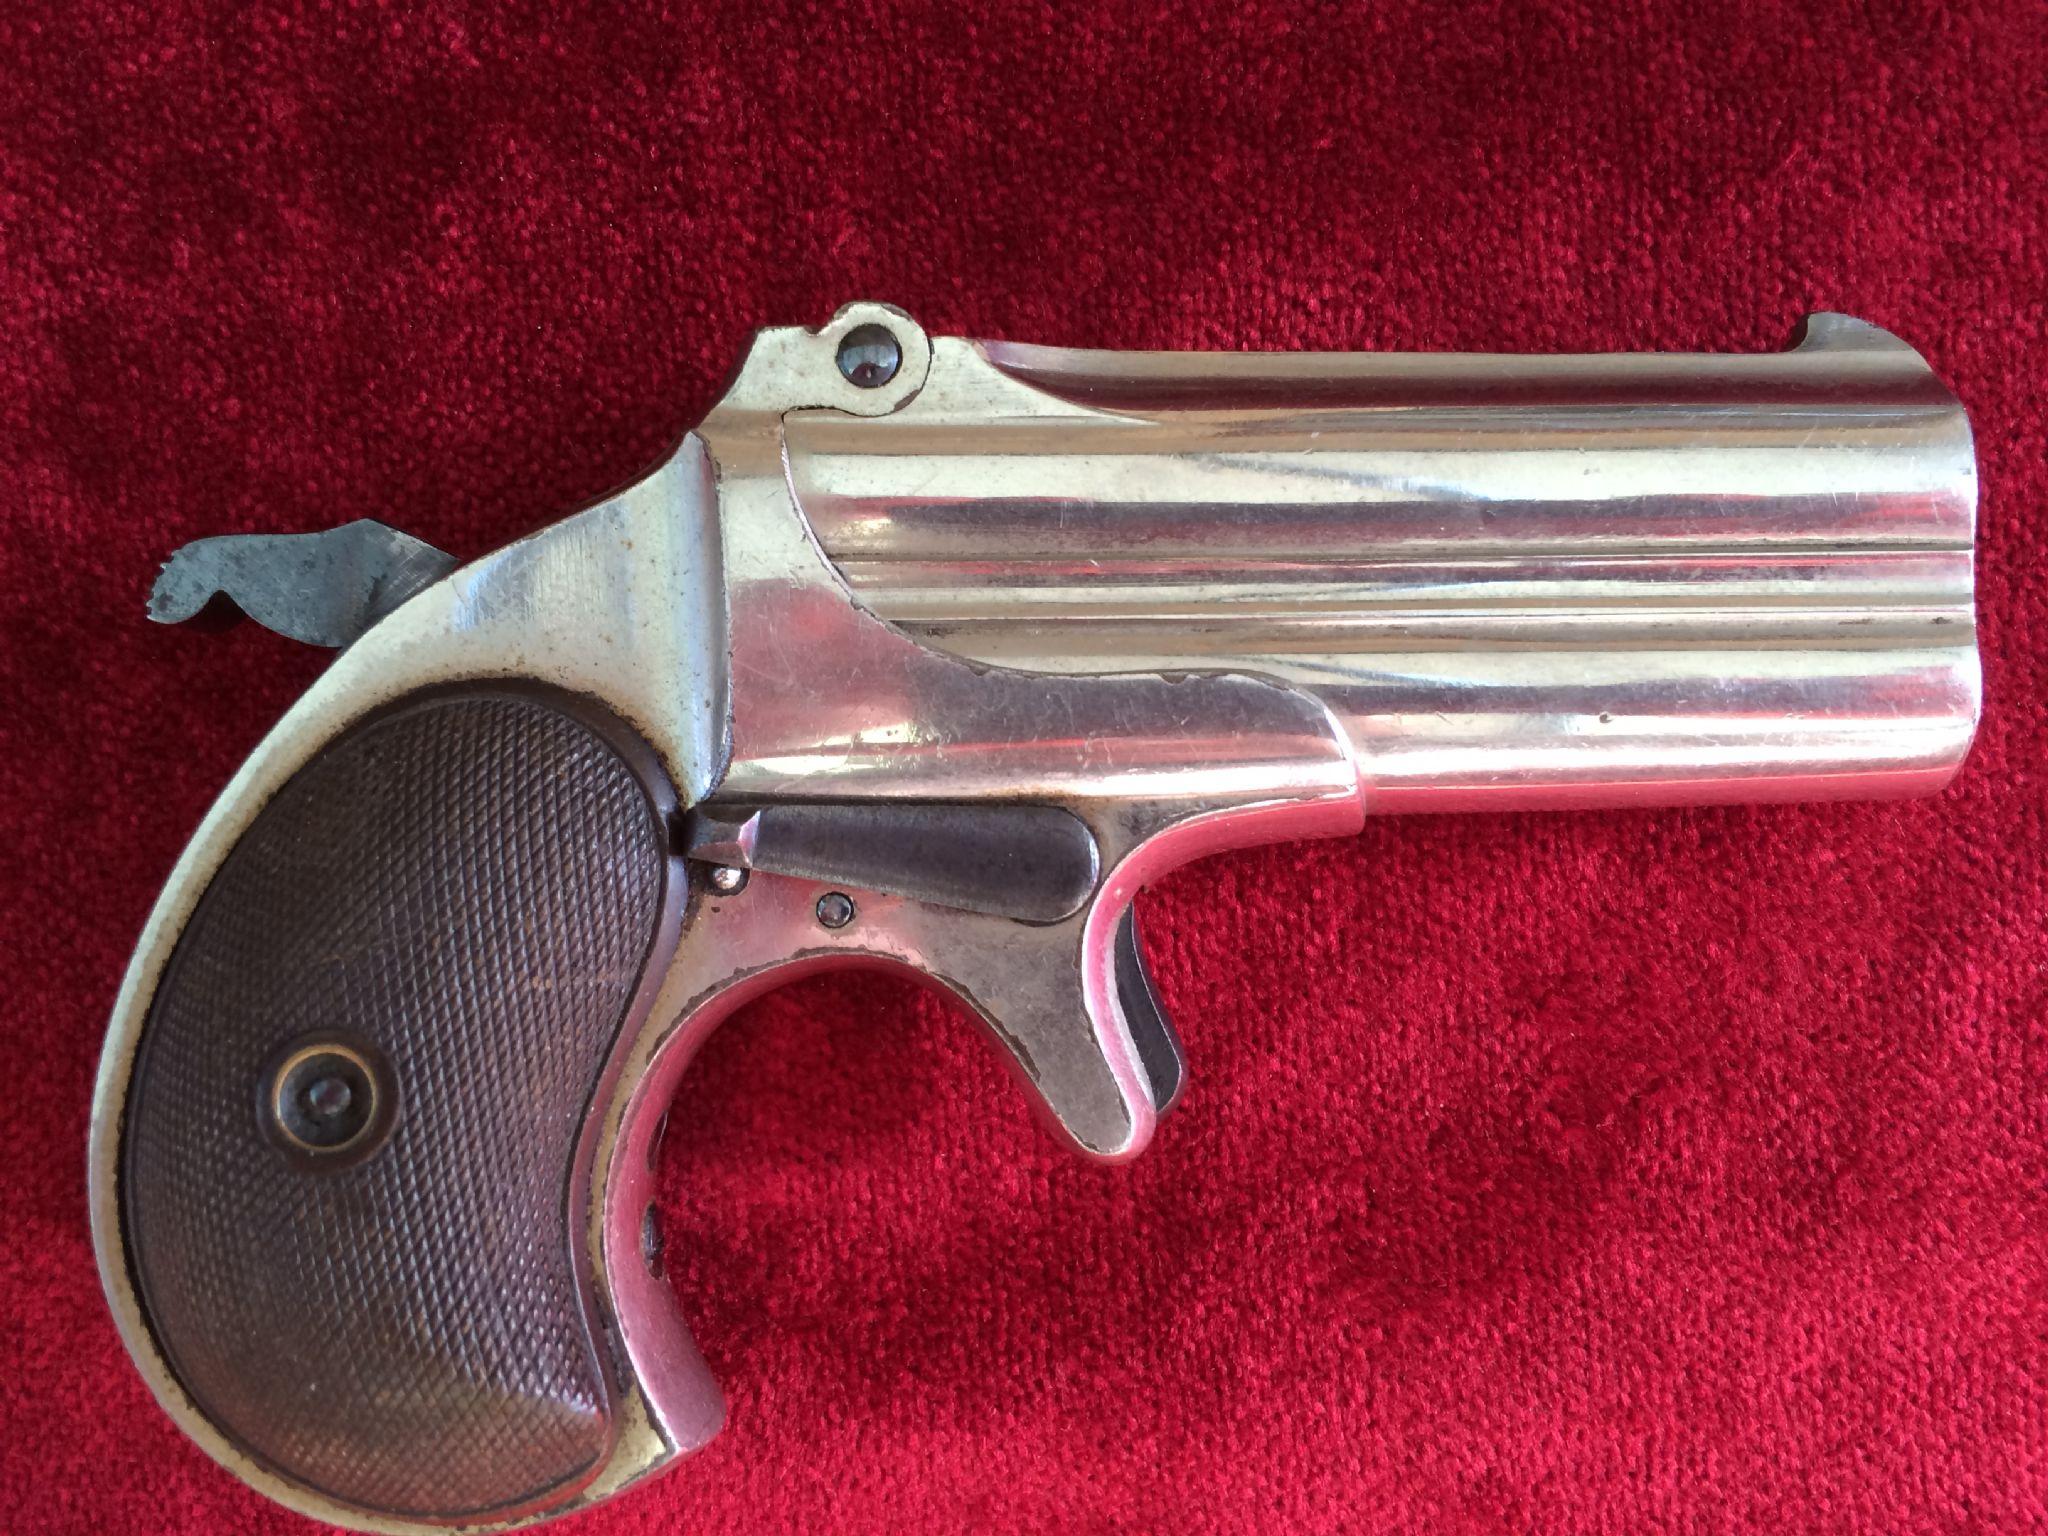 X X X SOLD X X X A fine antique Remington  41 rimfire double